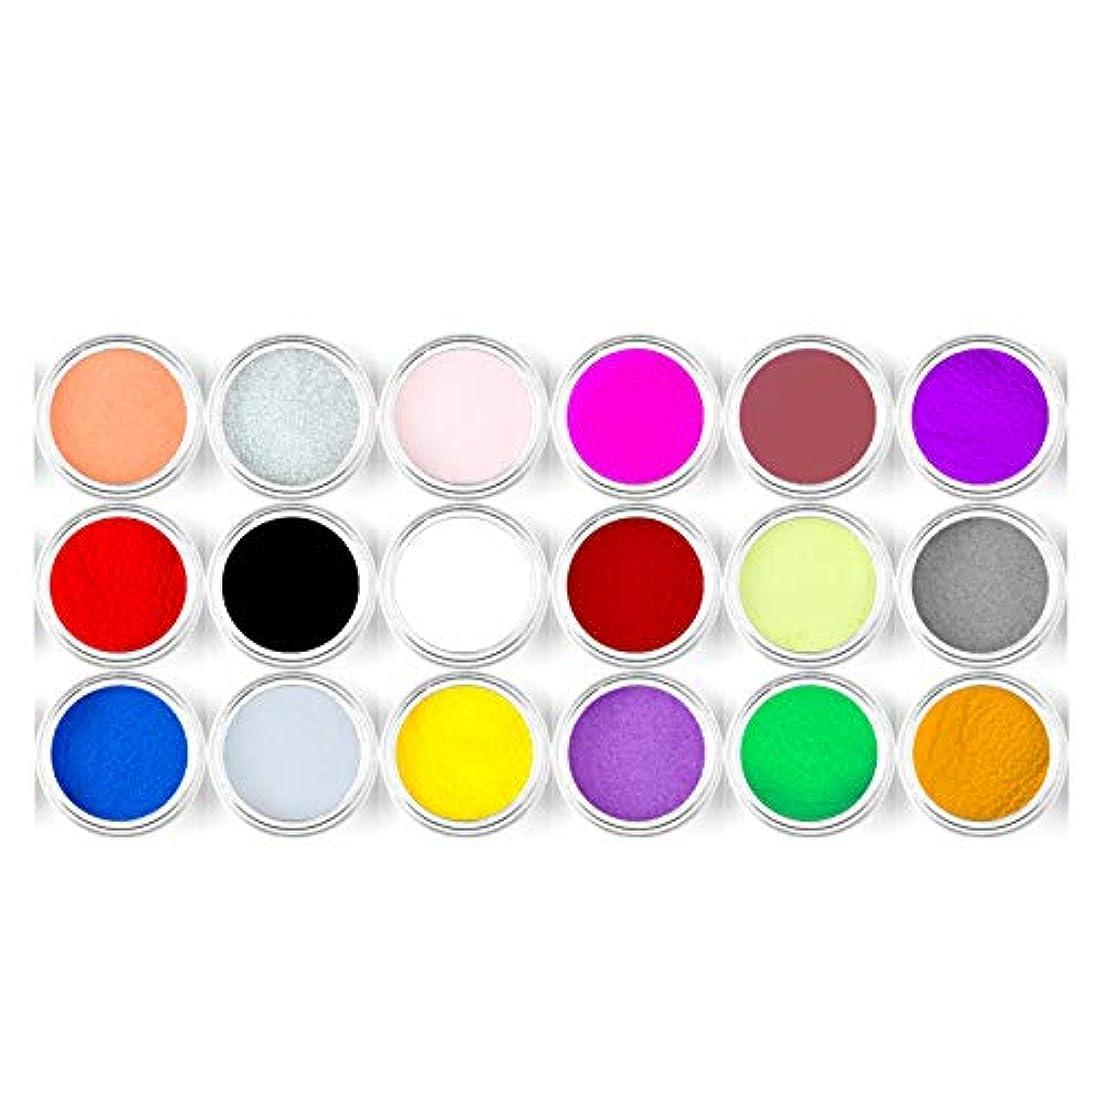 同意する入場料アンプ18色アクリルパウダーネイルアート用ネイルアートパウダースパークルダストアクリルUVパウダーダストカービング彫刻顔料